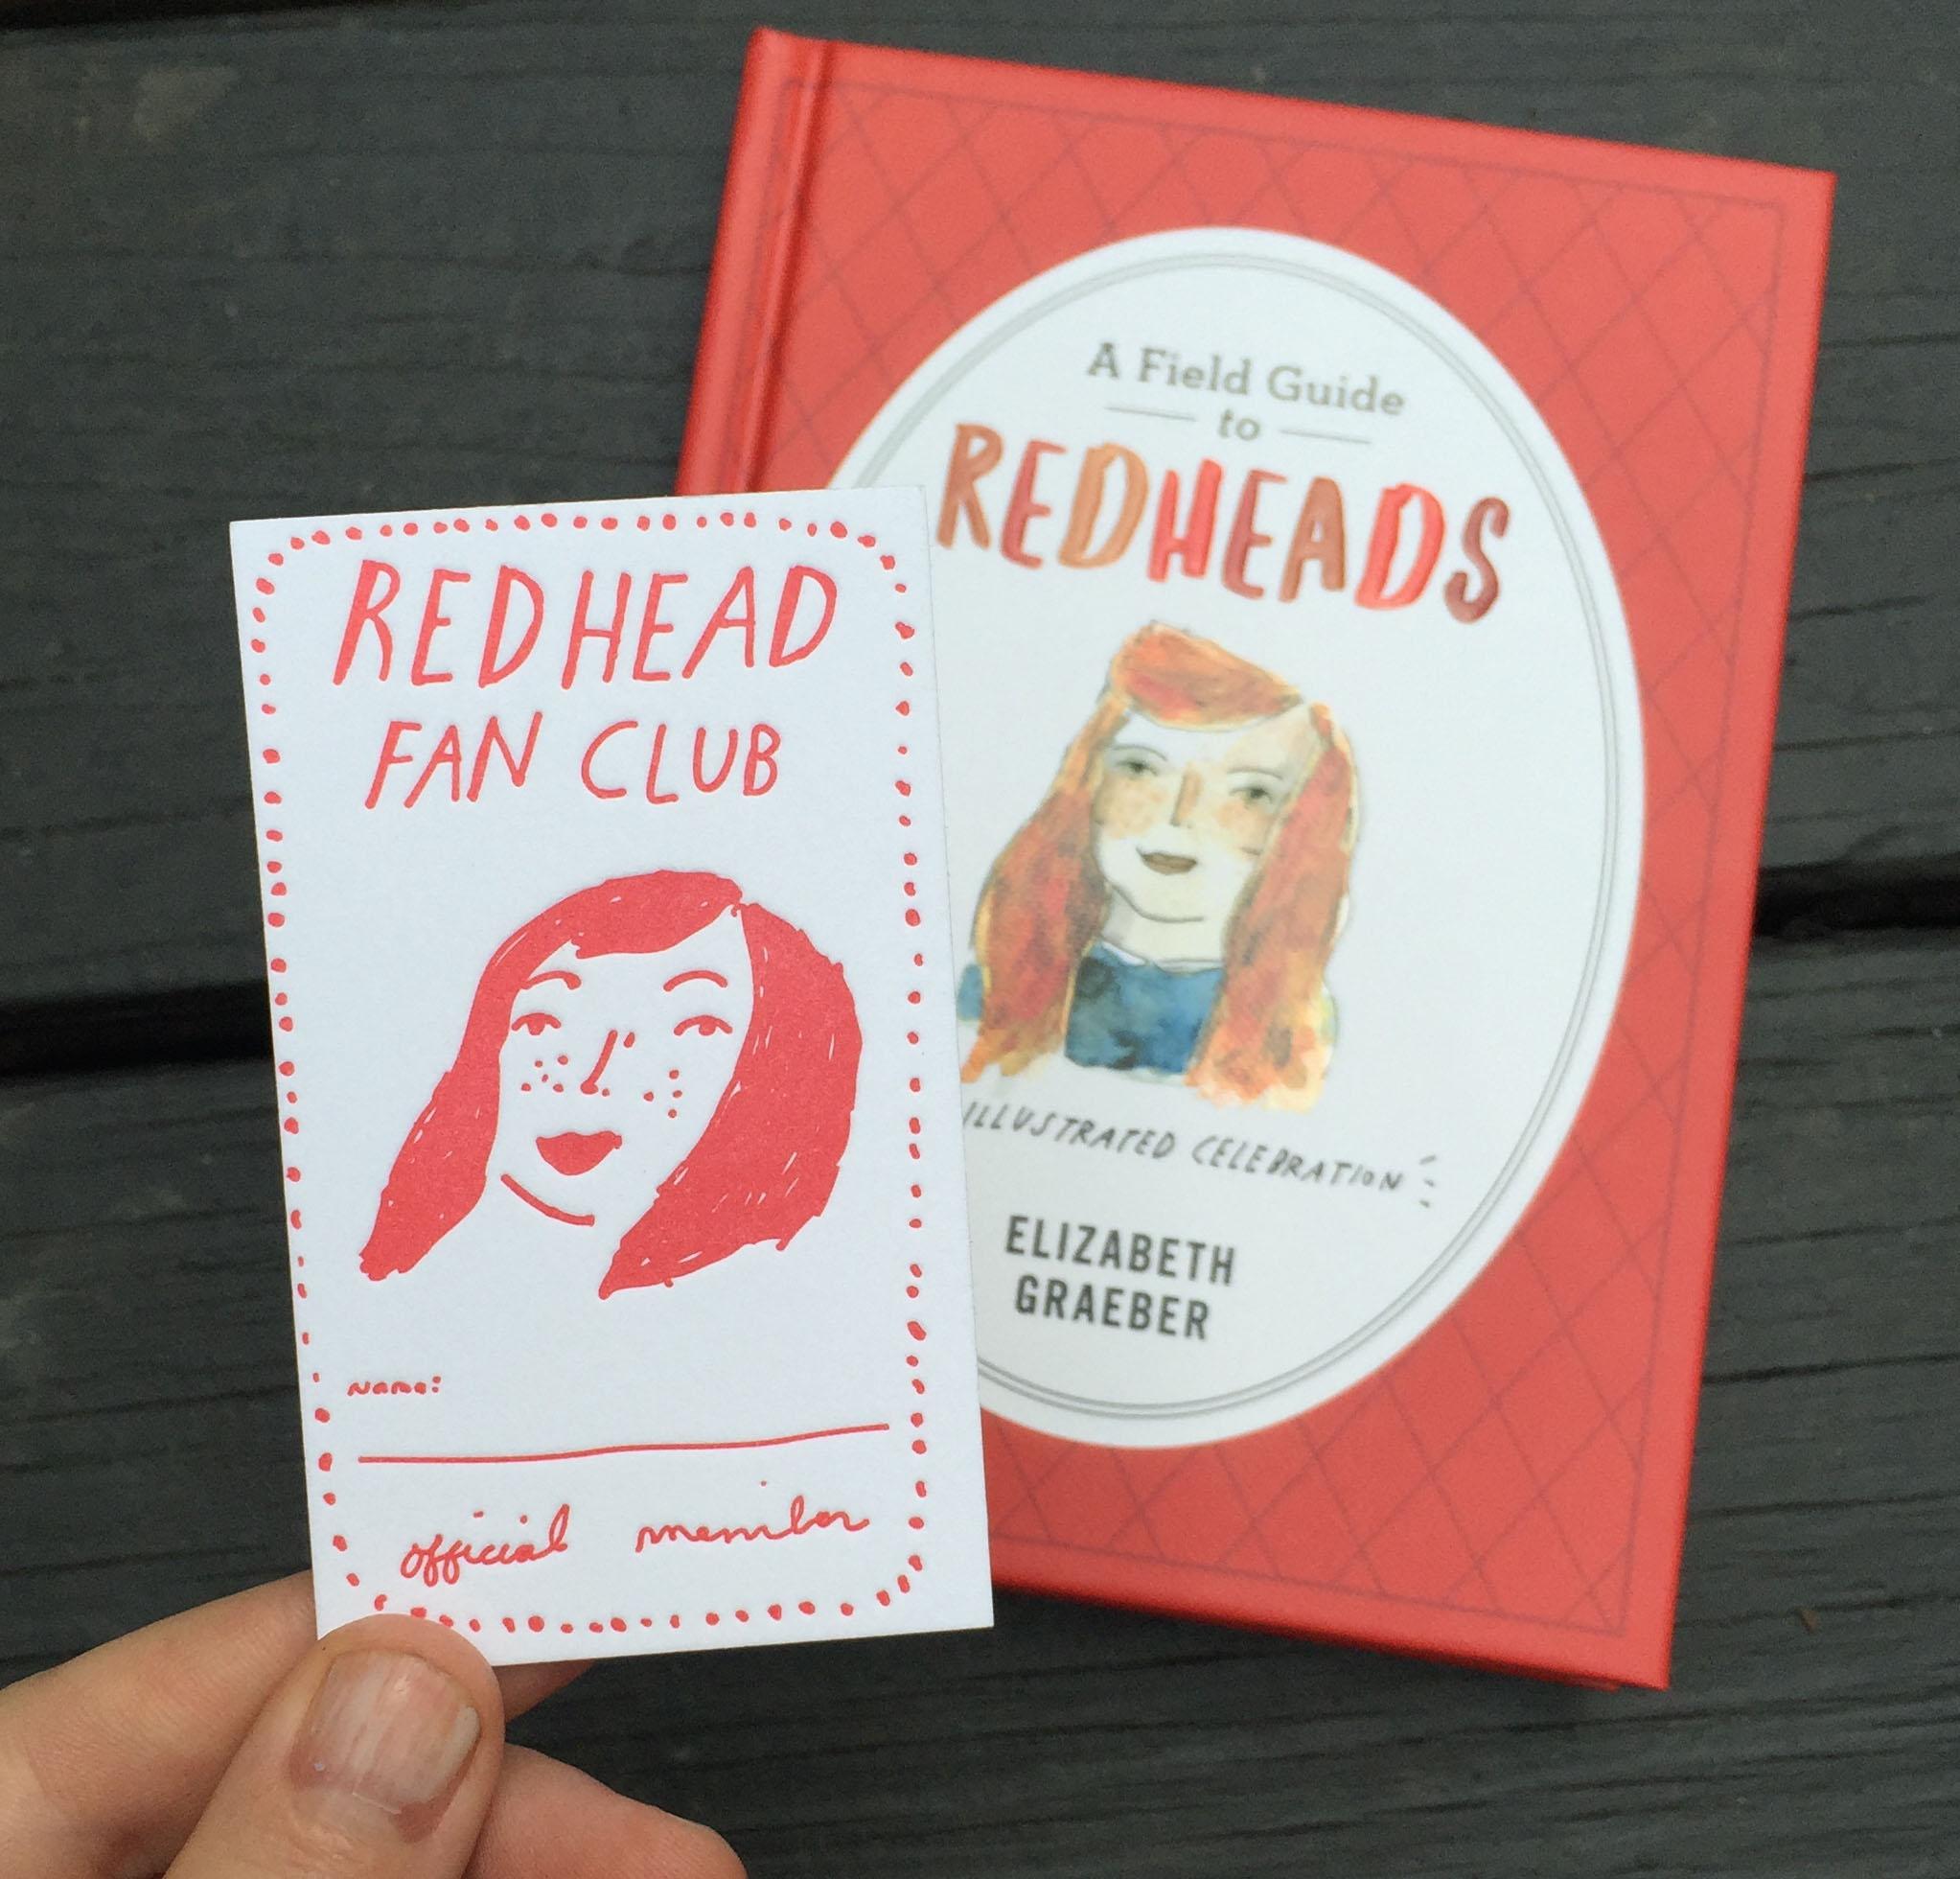 redhead fan club membership card